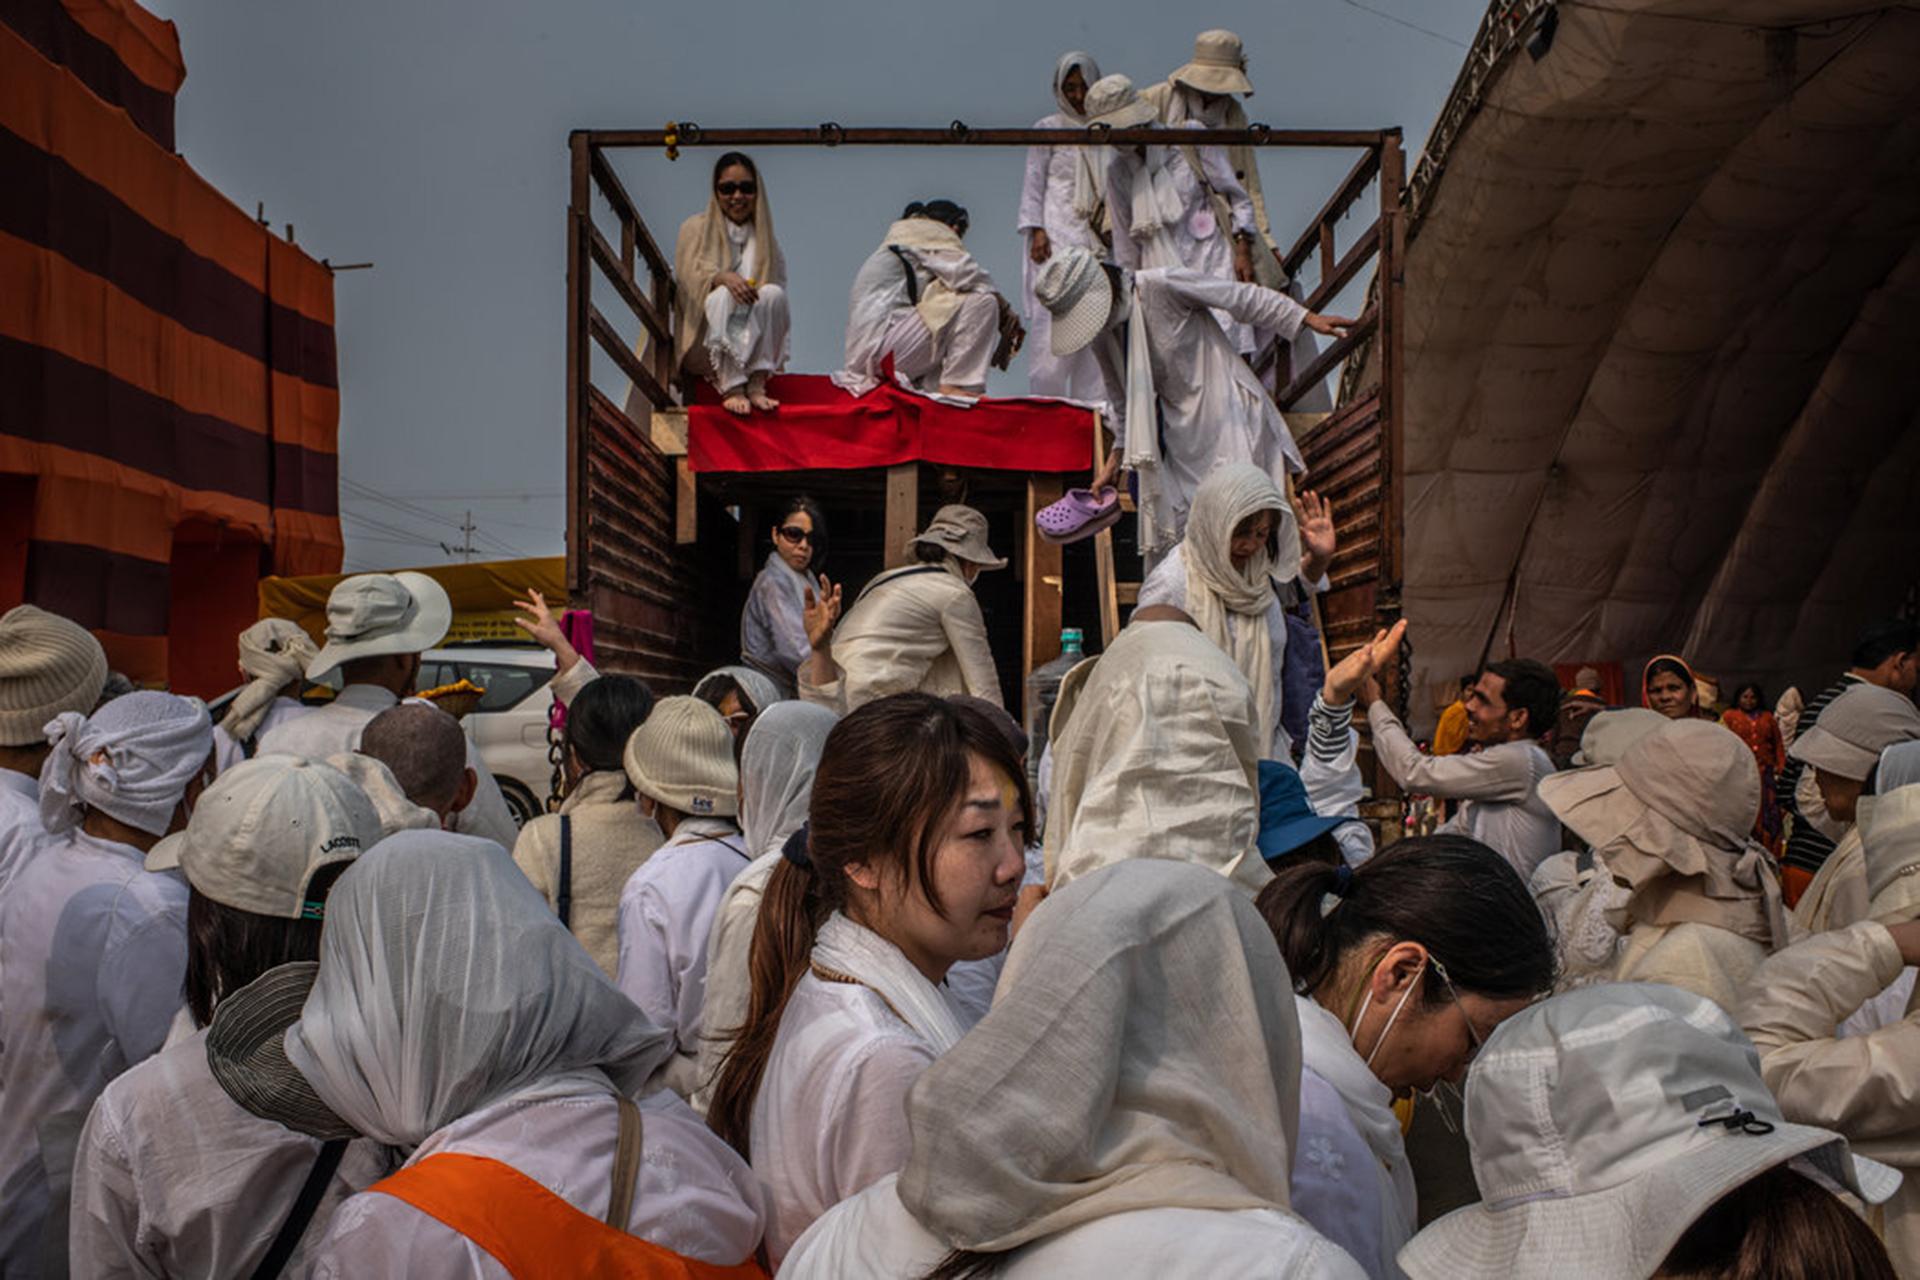 El gobierno indio promocionó el festival en el extranjero, por lo que en la edición de este año asistieron muchos visitantes japoneses y de otros países. (The New York Times)